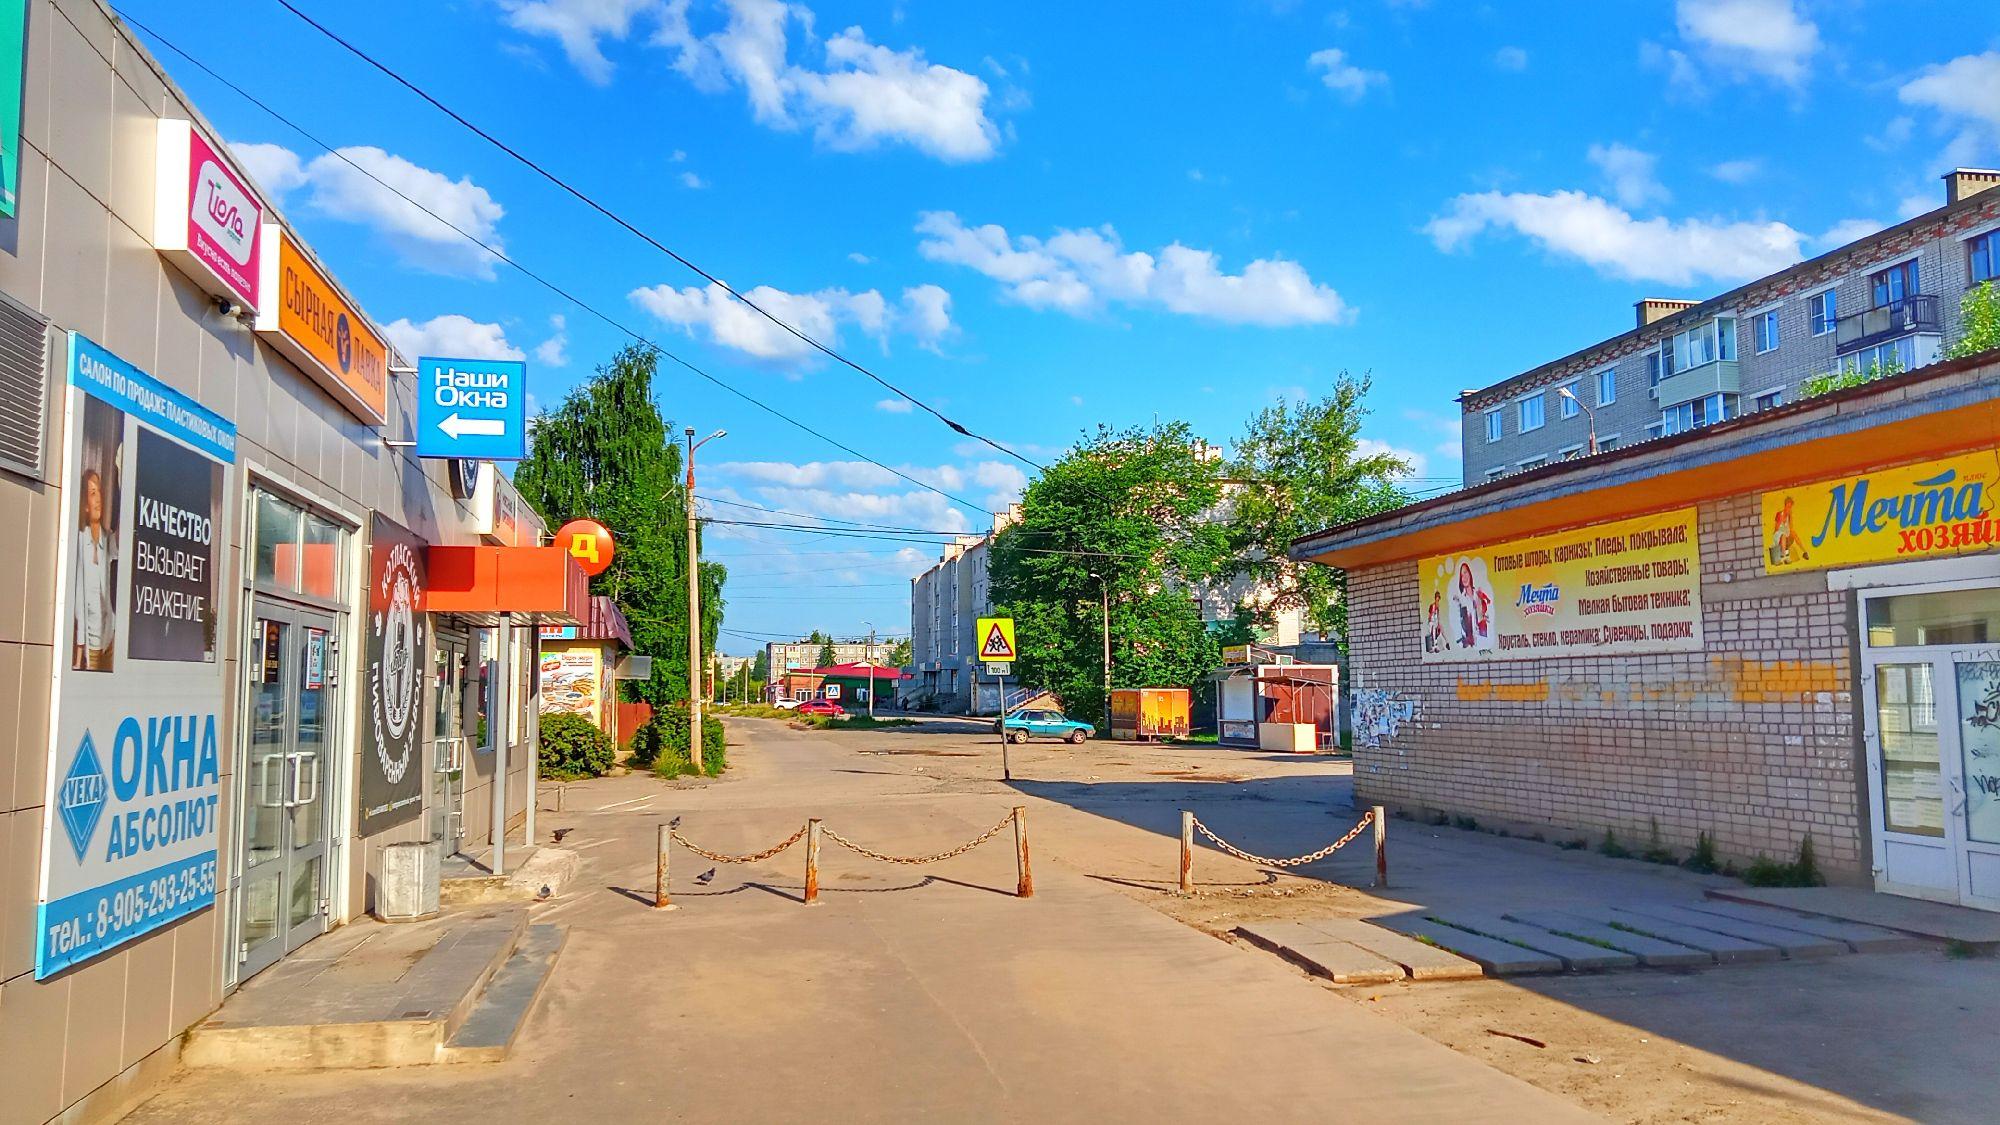 Коряжма. Утро 06 июля 2021. Ул. Зелёная, около Пармы (Дисма), Советская 10.